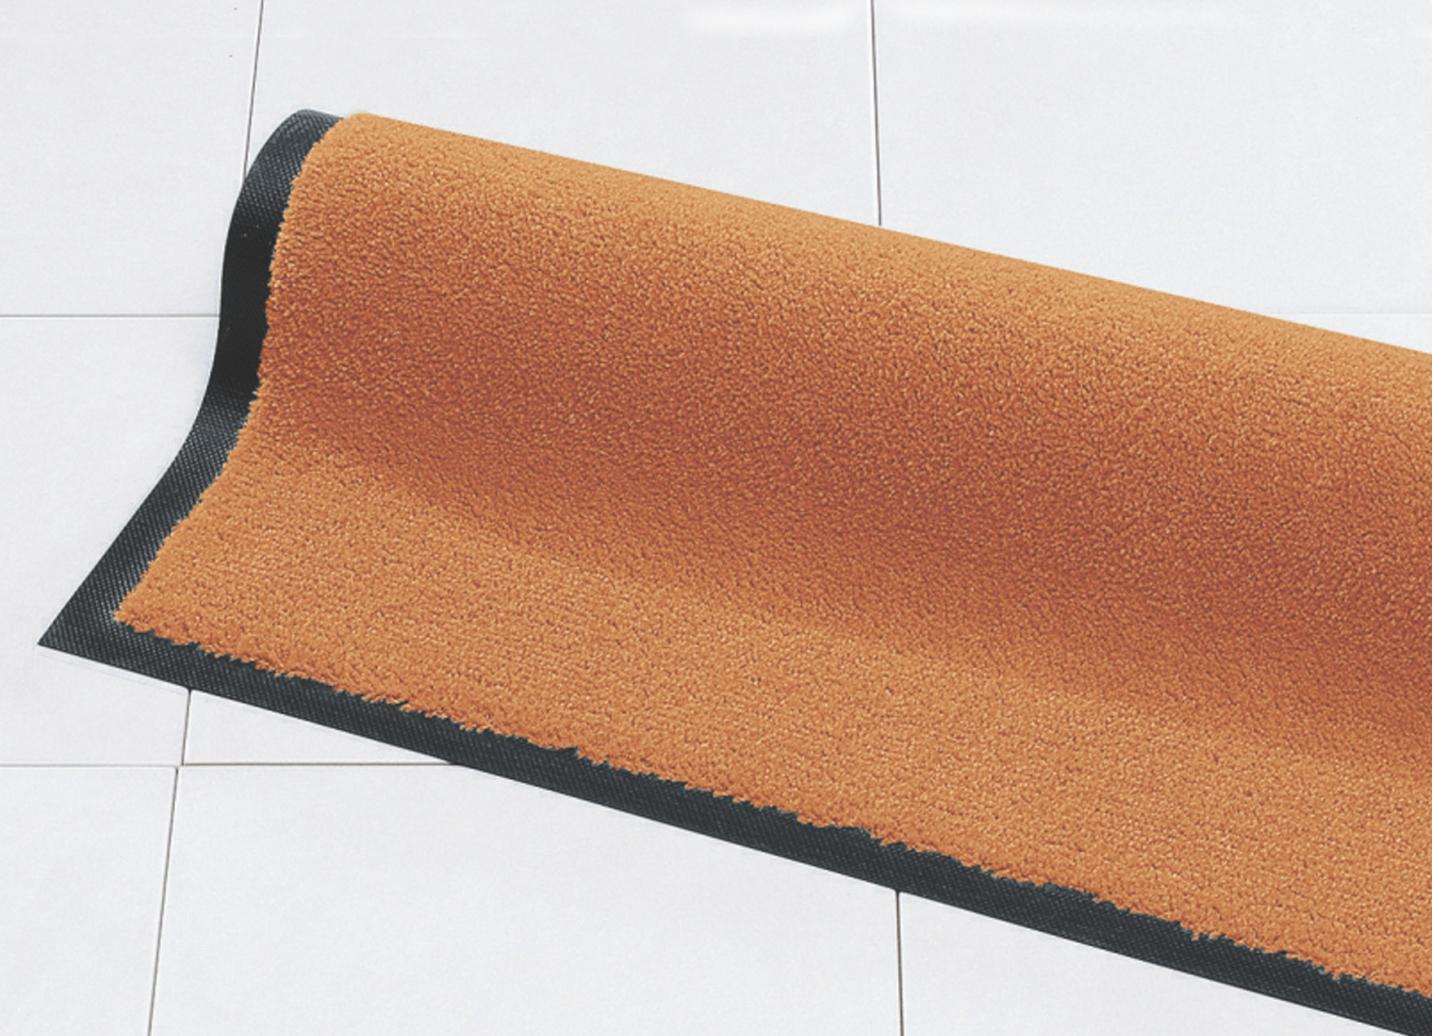 Schmutzfangmatten für innen und außen, Größe 101 (Matte, 40x 60 cm), Terra